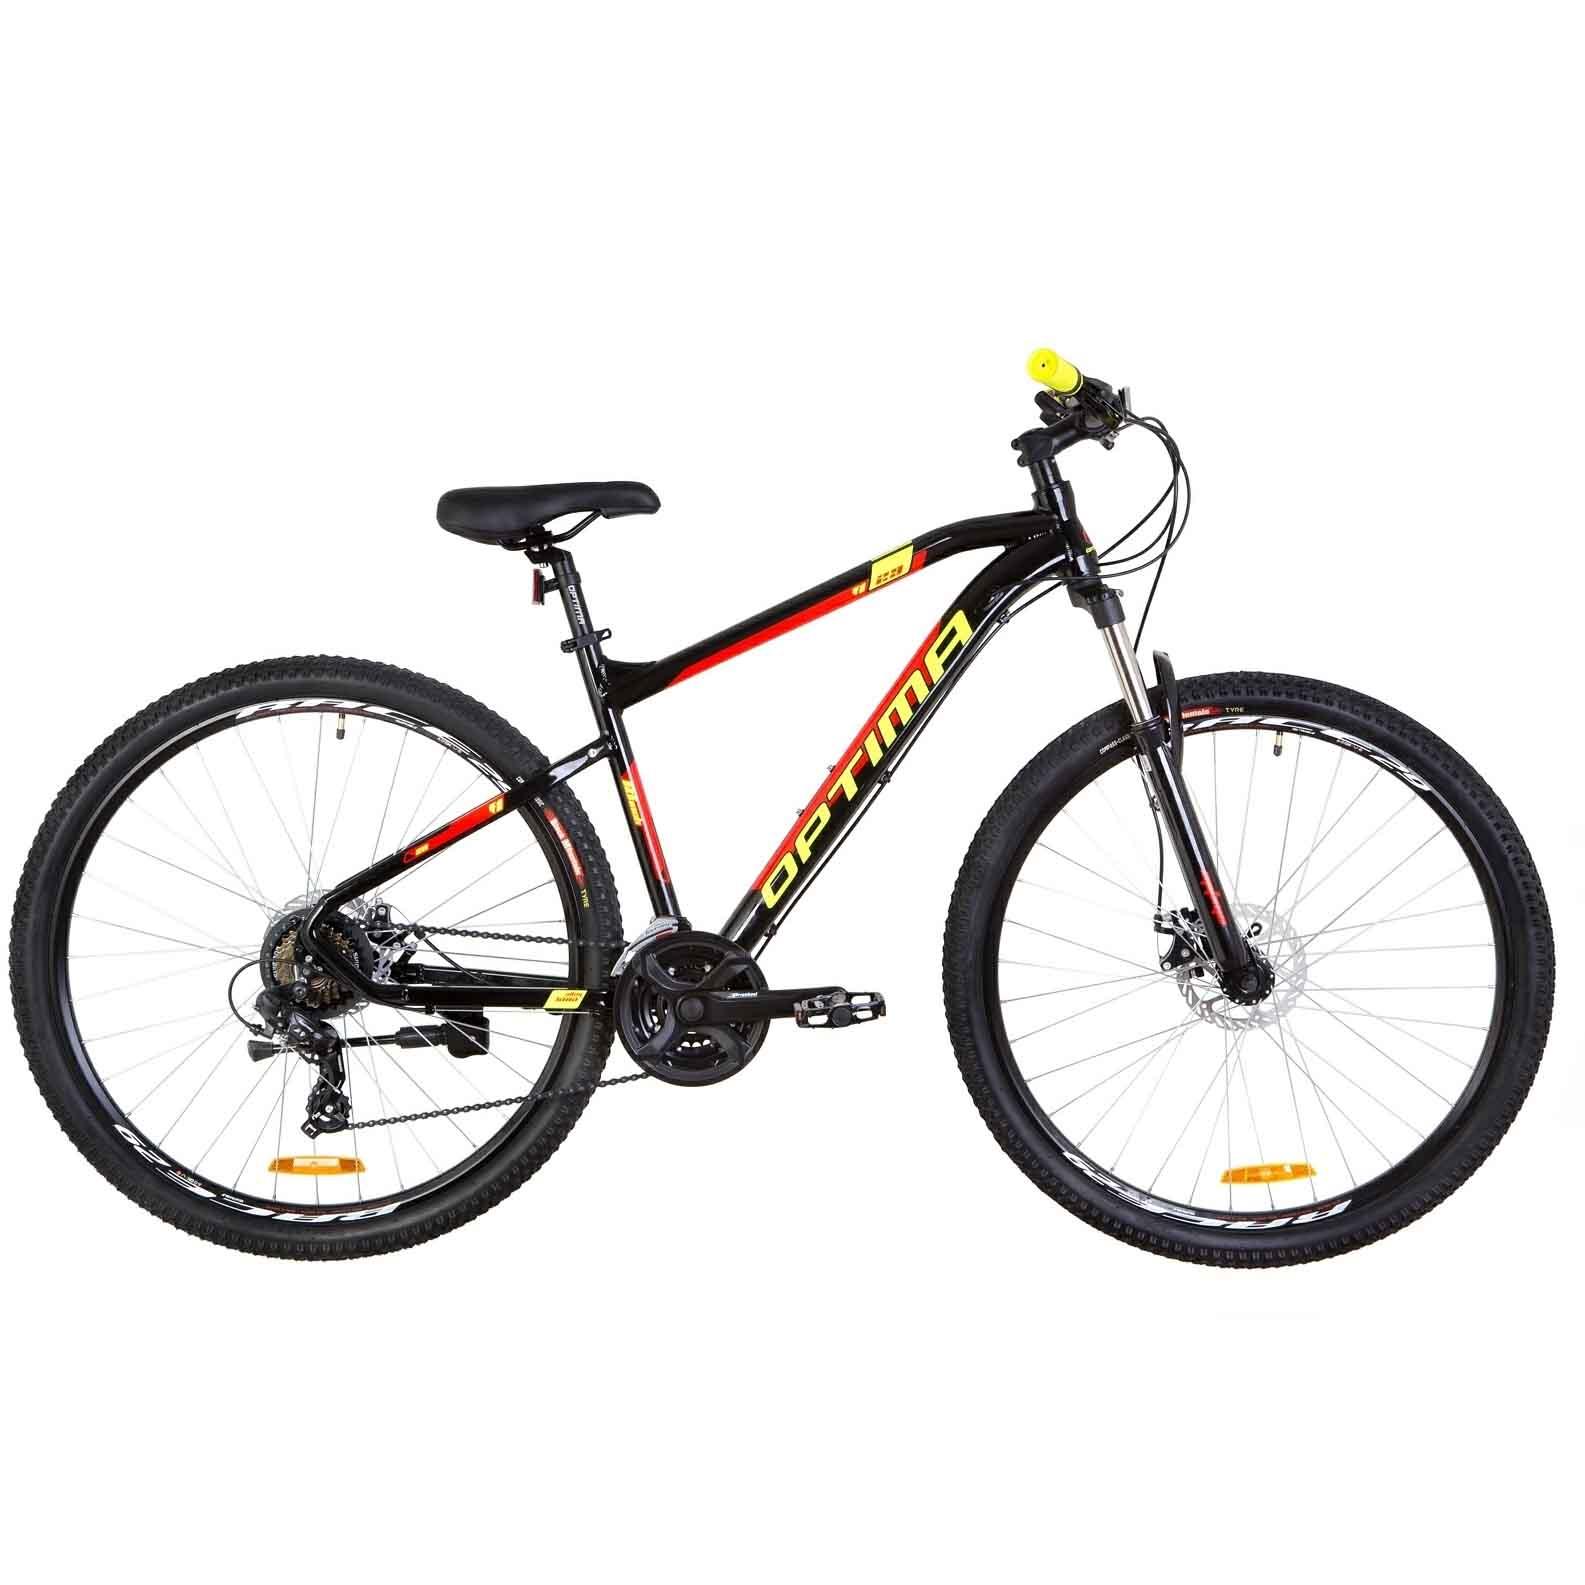 Фото Горный Велосипед 29 Optimabikes F-1 DD  рама-18 черно-красный с желтым   2019